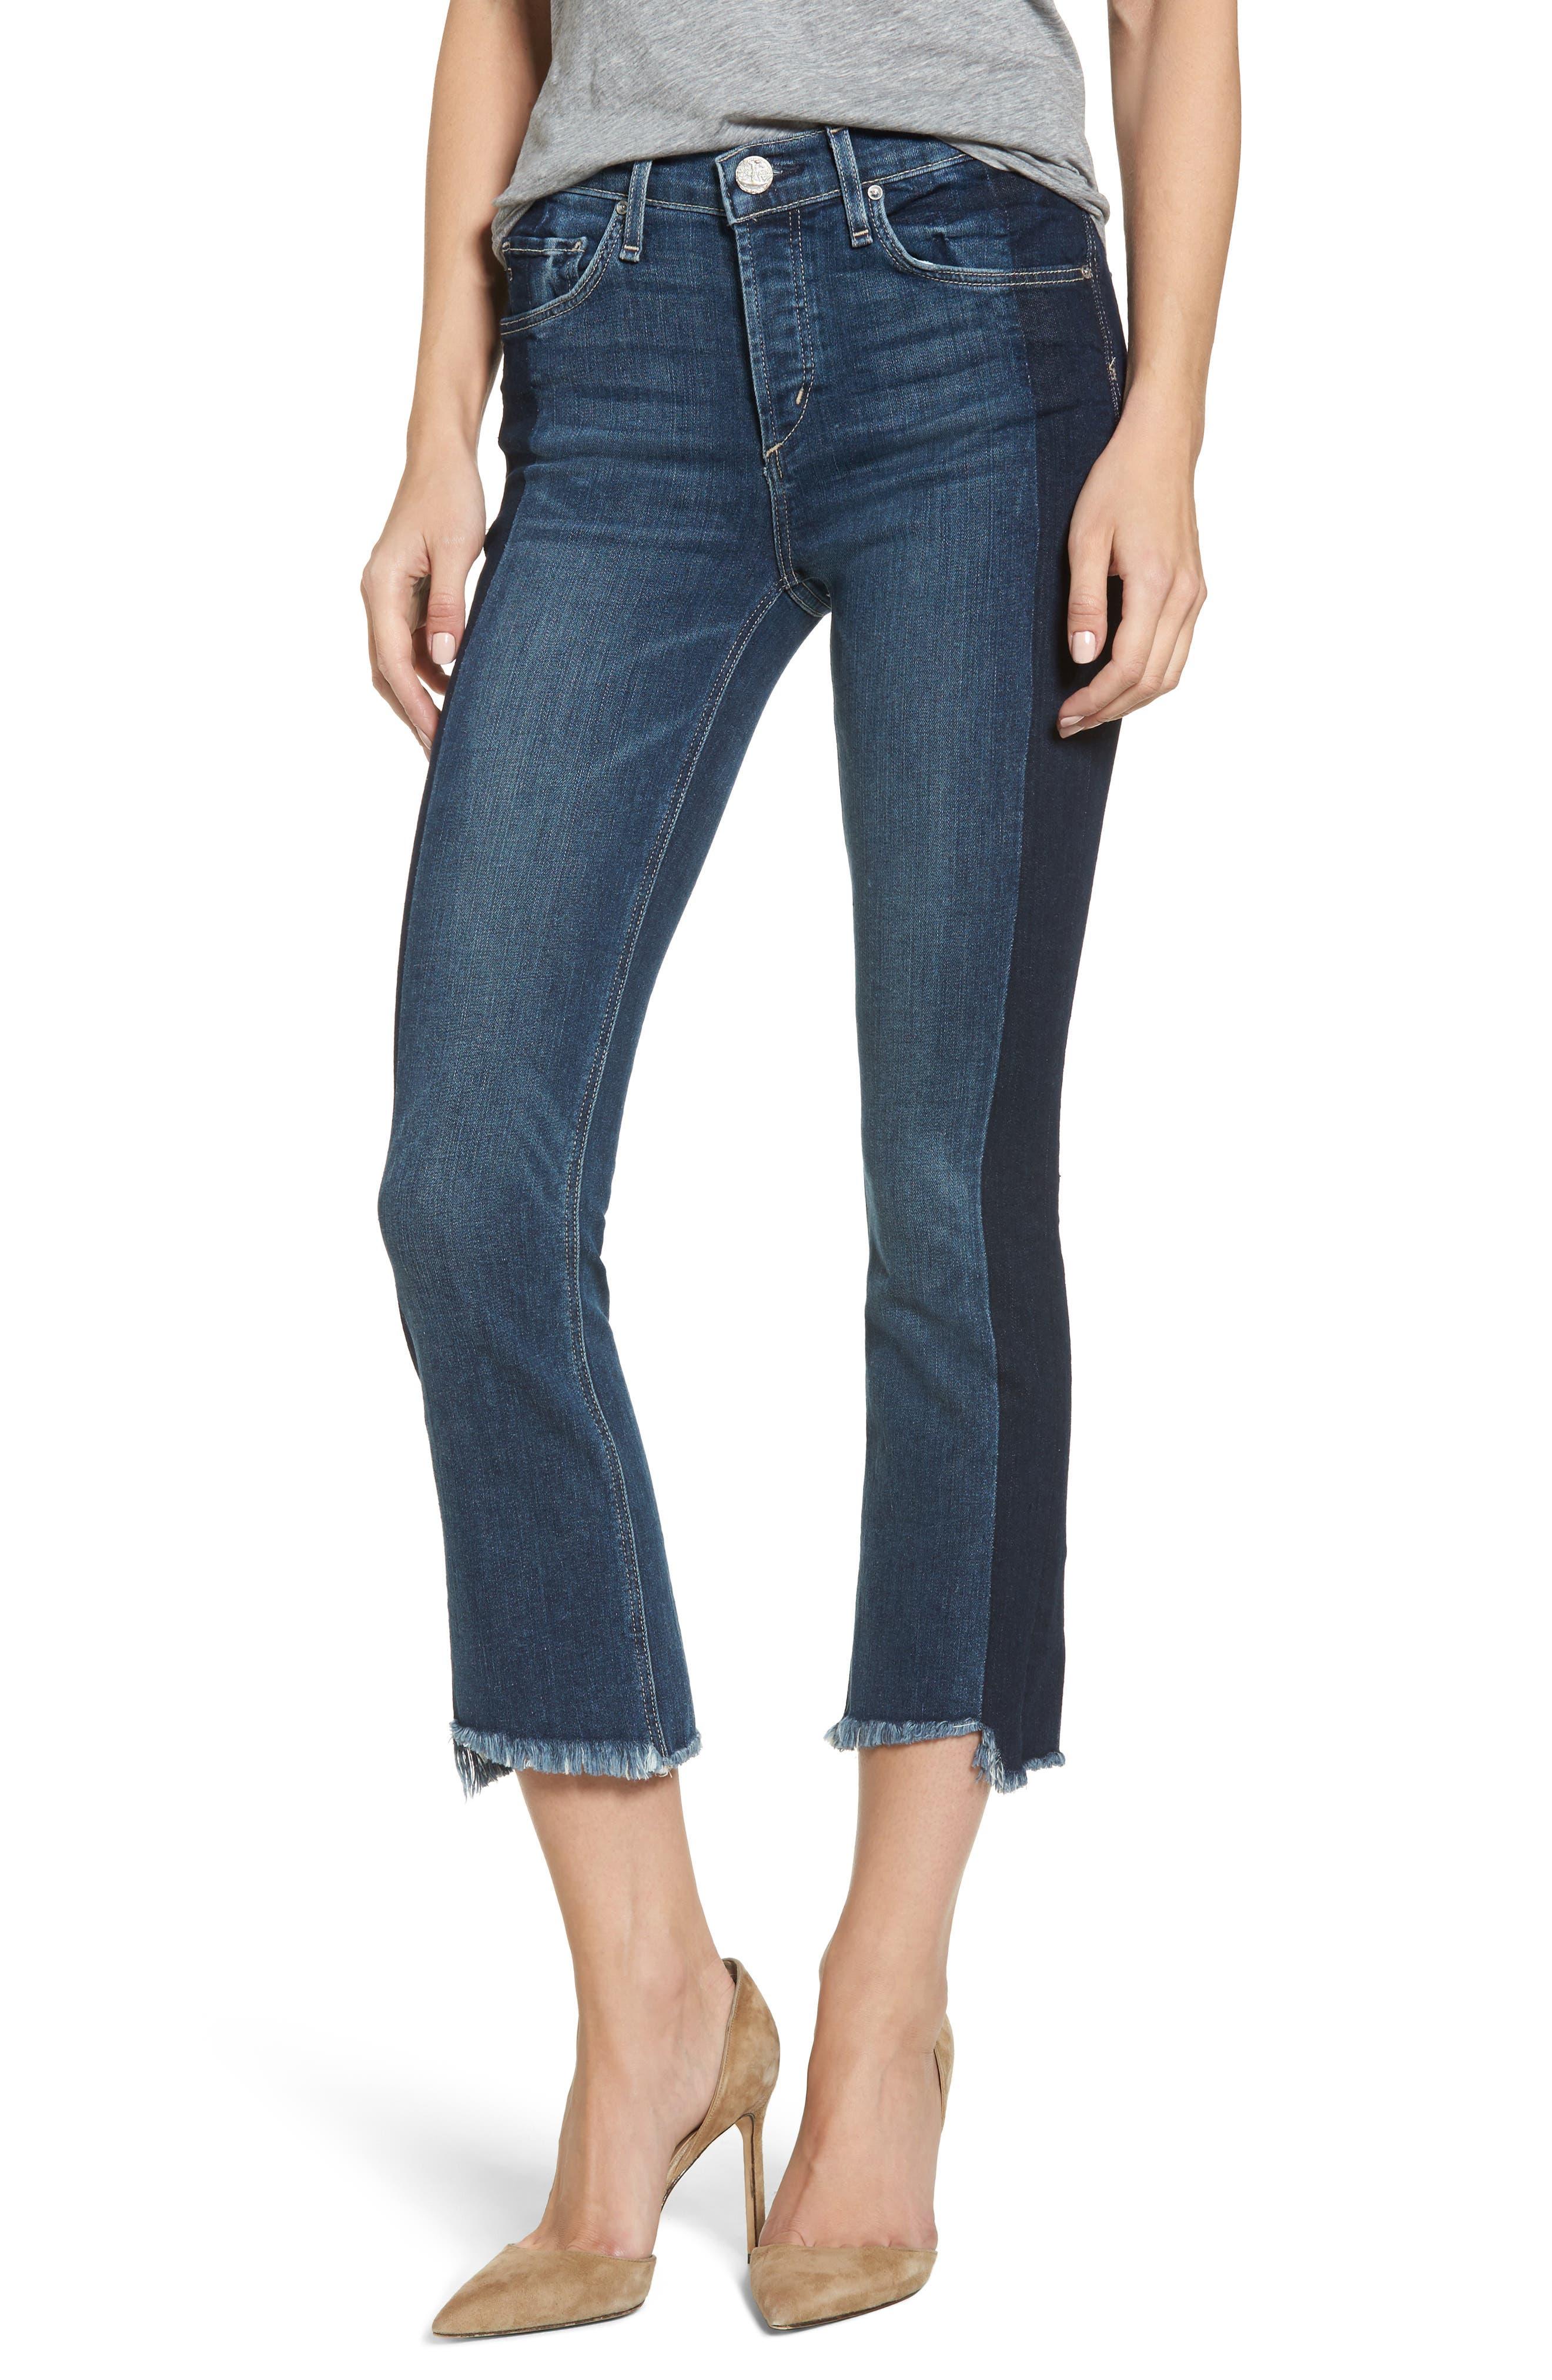 McGuire Vintage Slim Crop Jeans (Rebelle)